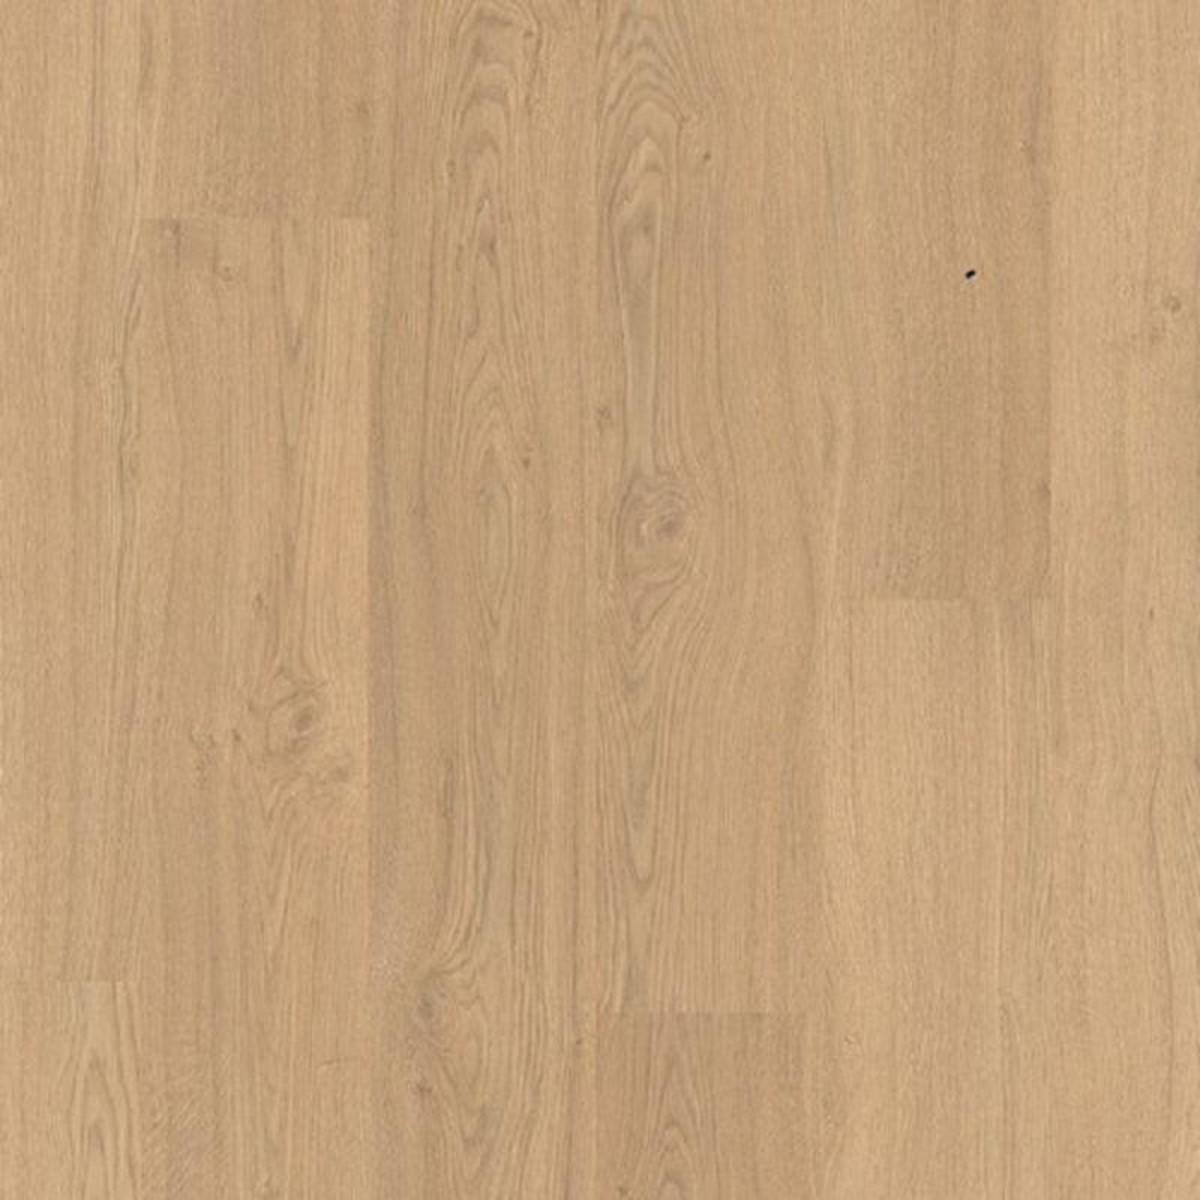 Ламинат Woodstyle Viva 33 класс толщина 10 мм 1.74 м²